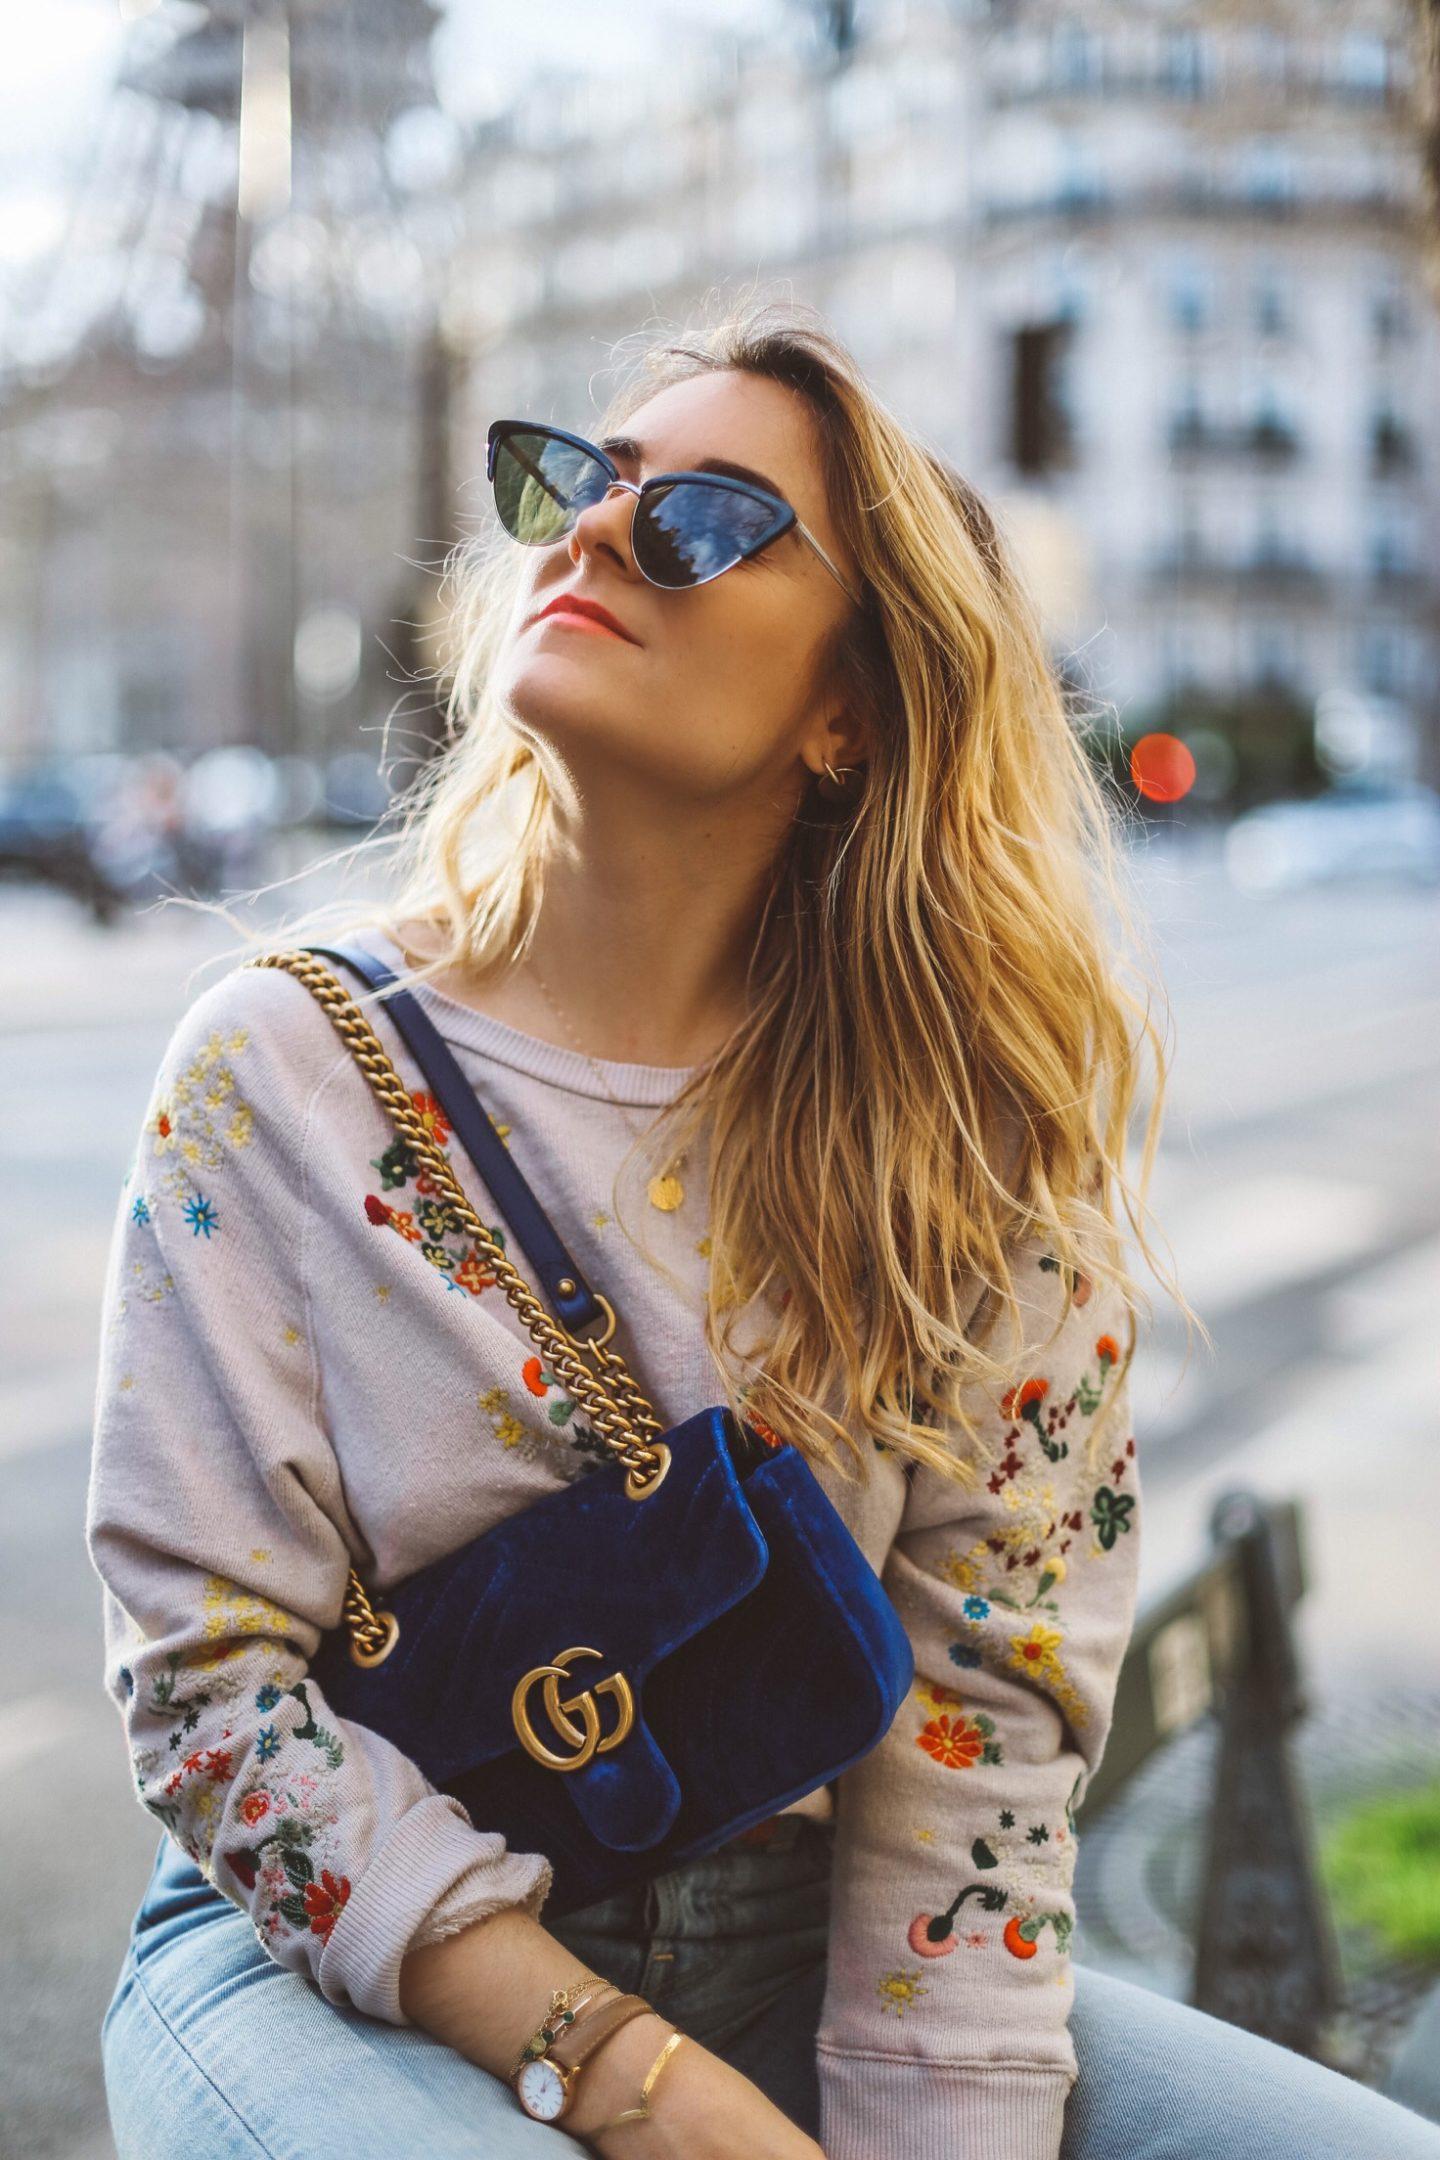 lunettes de soleil Mango - Blondie Baby blog mode et voyages